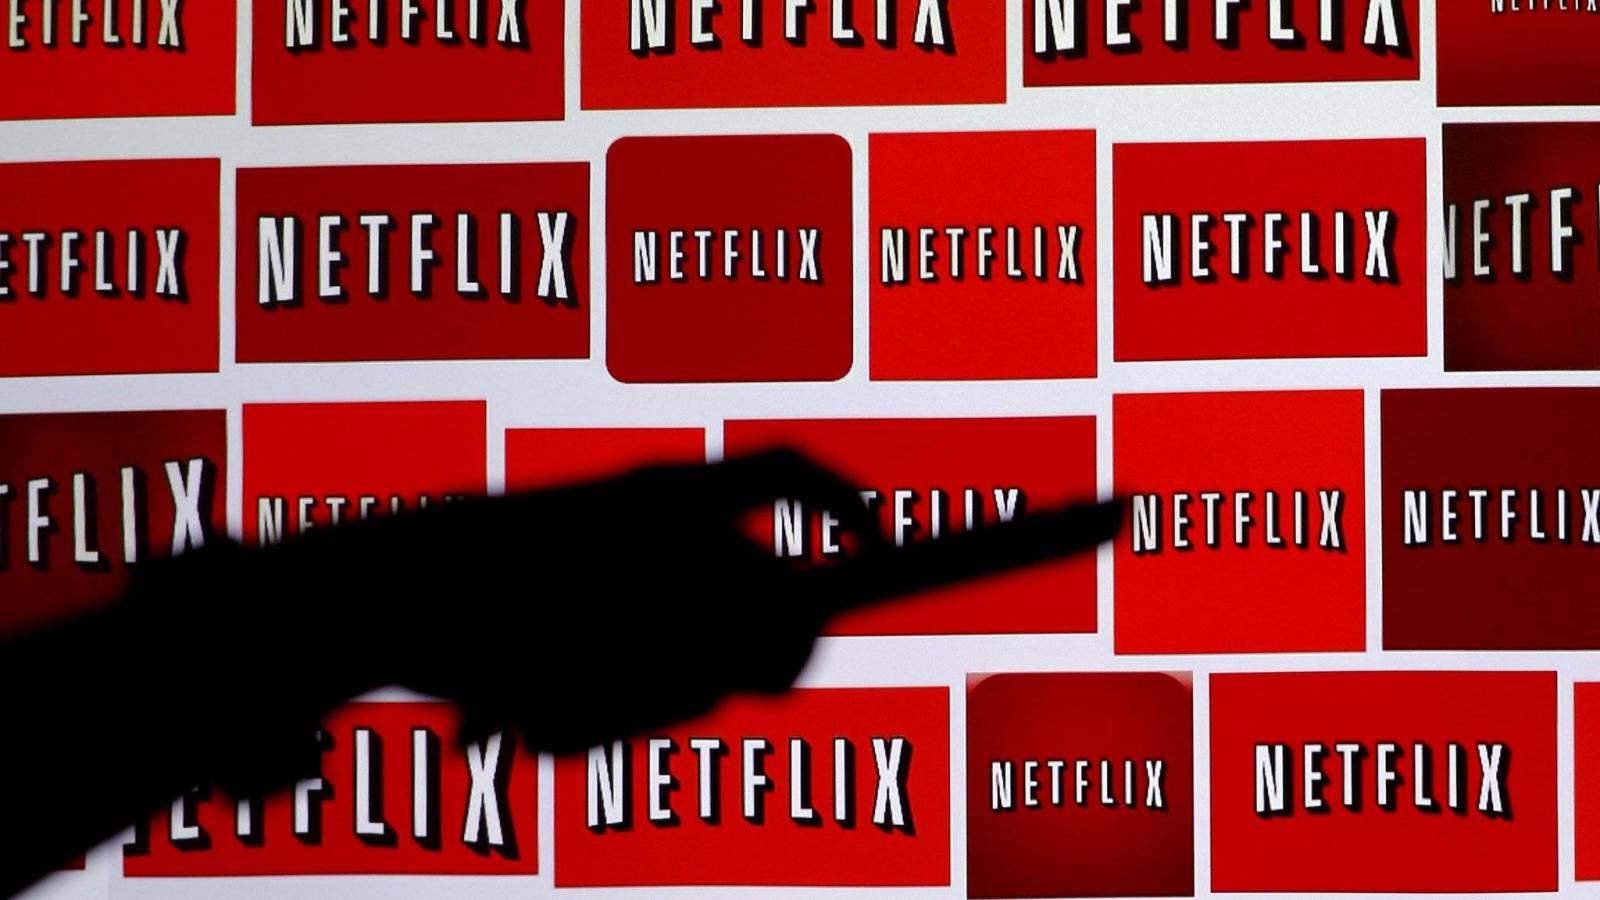 Netflix sinner